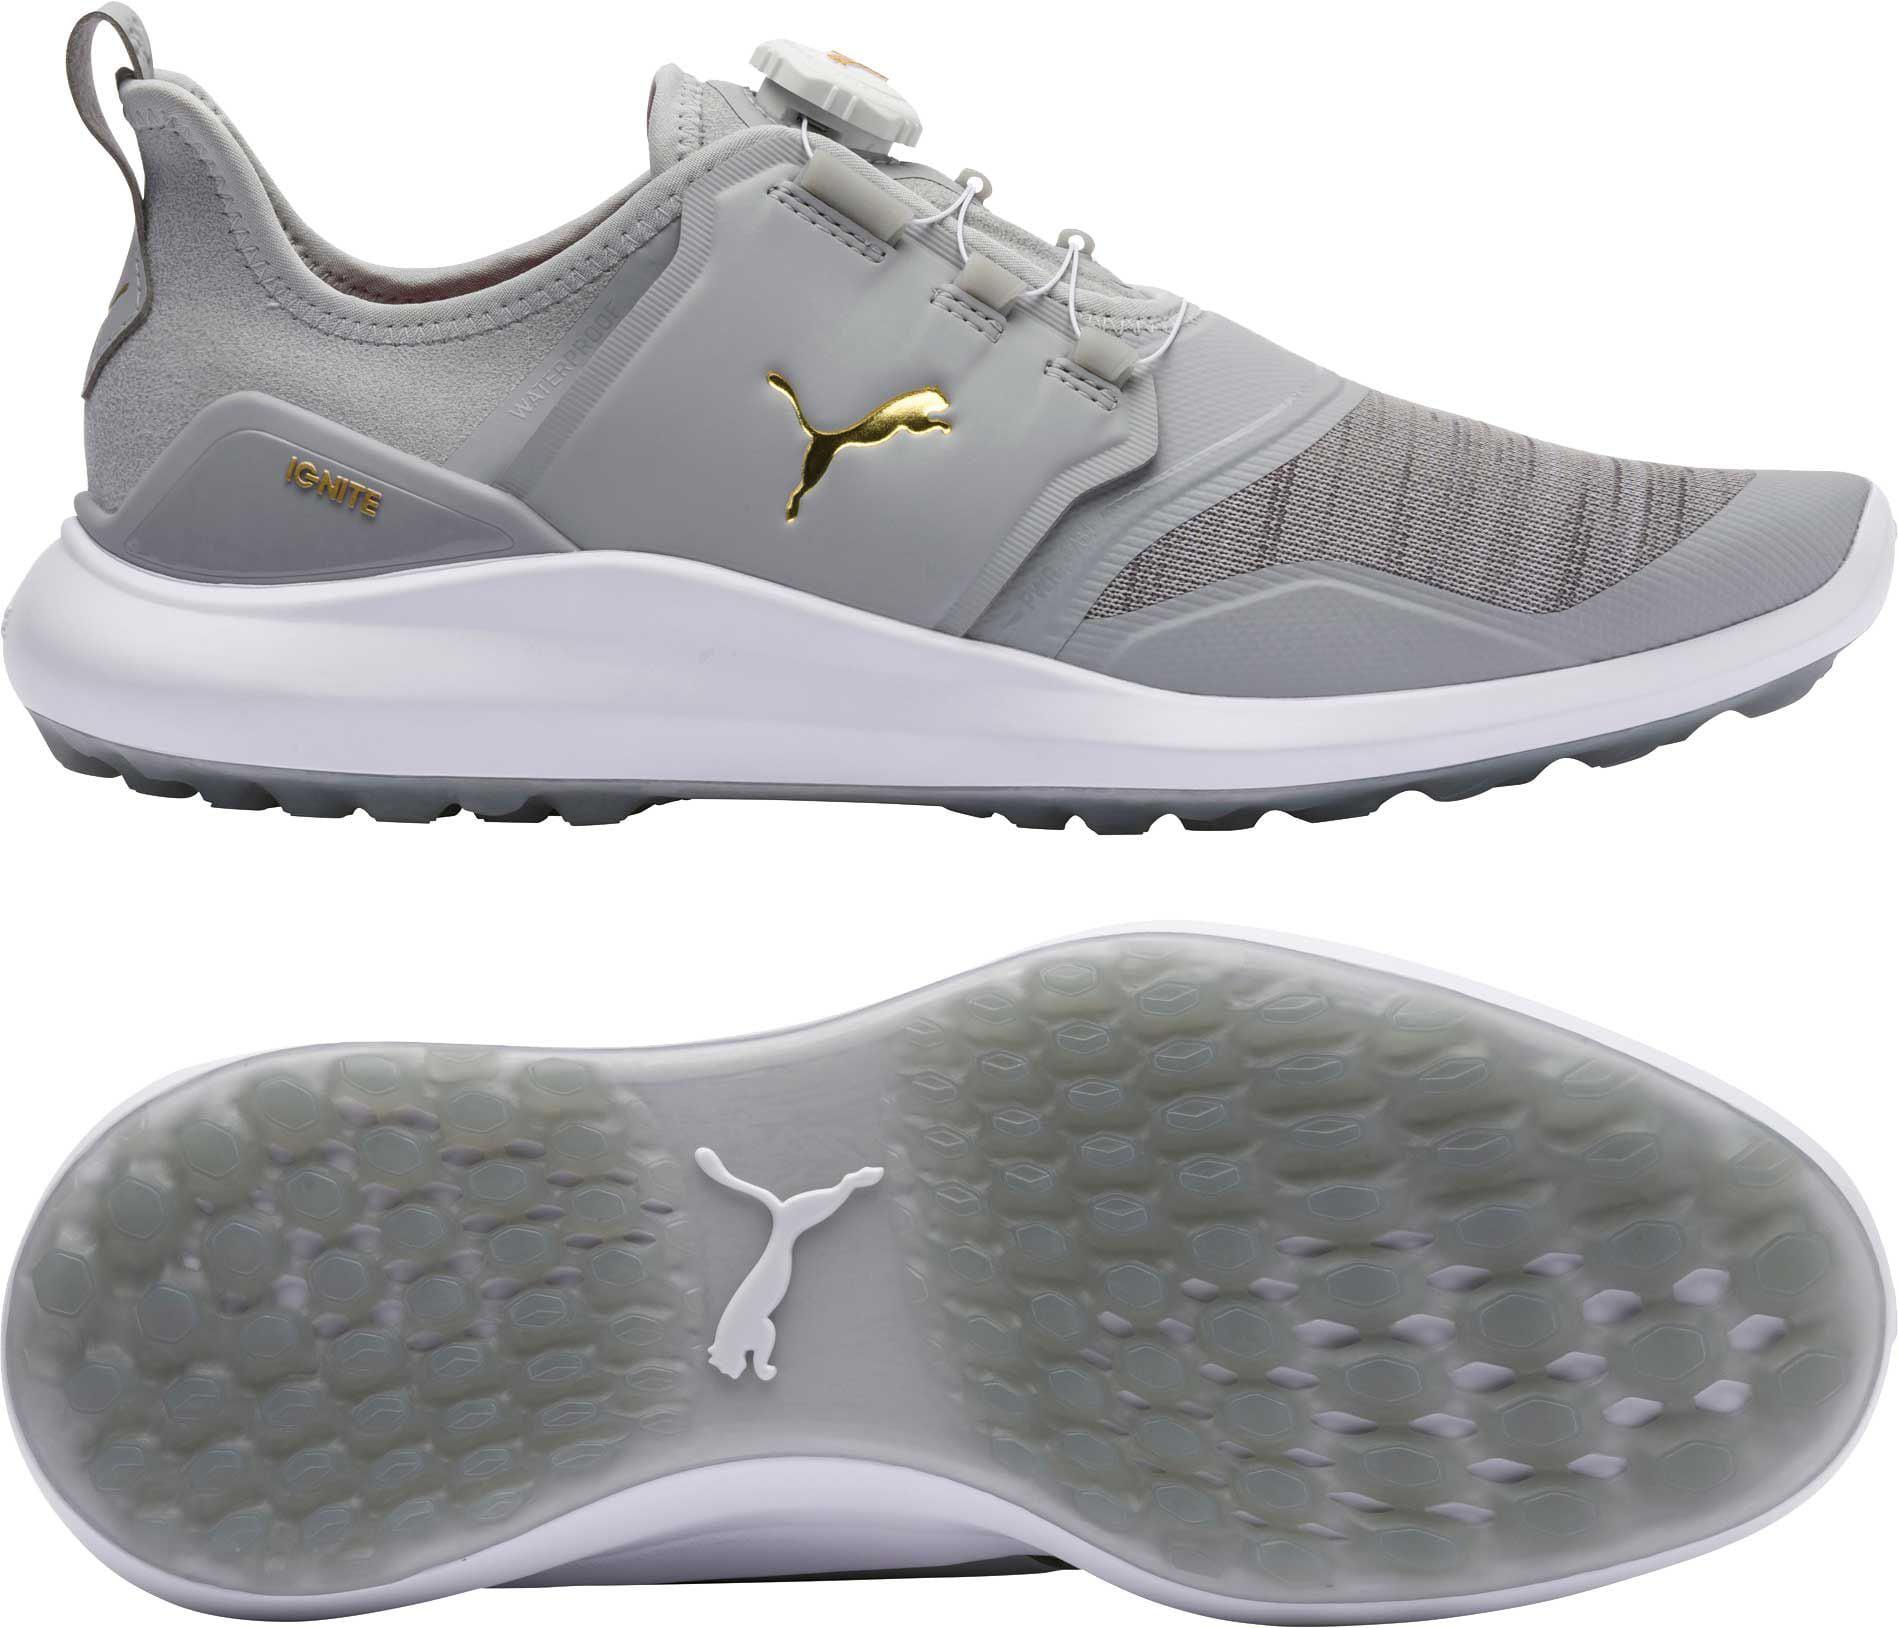 Puma Men S Ignite Nxt Disc Golf Shoes Walmart Com Walmart Com